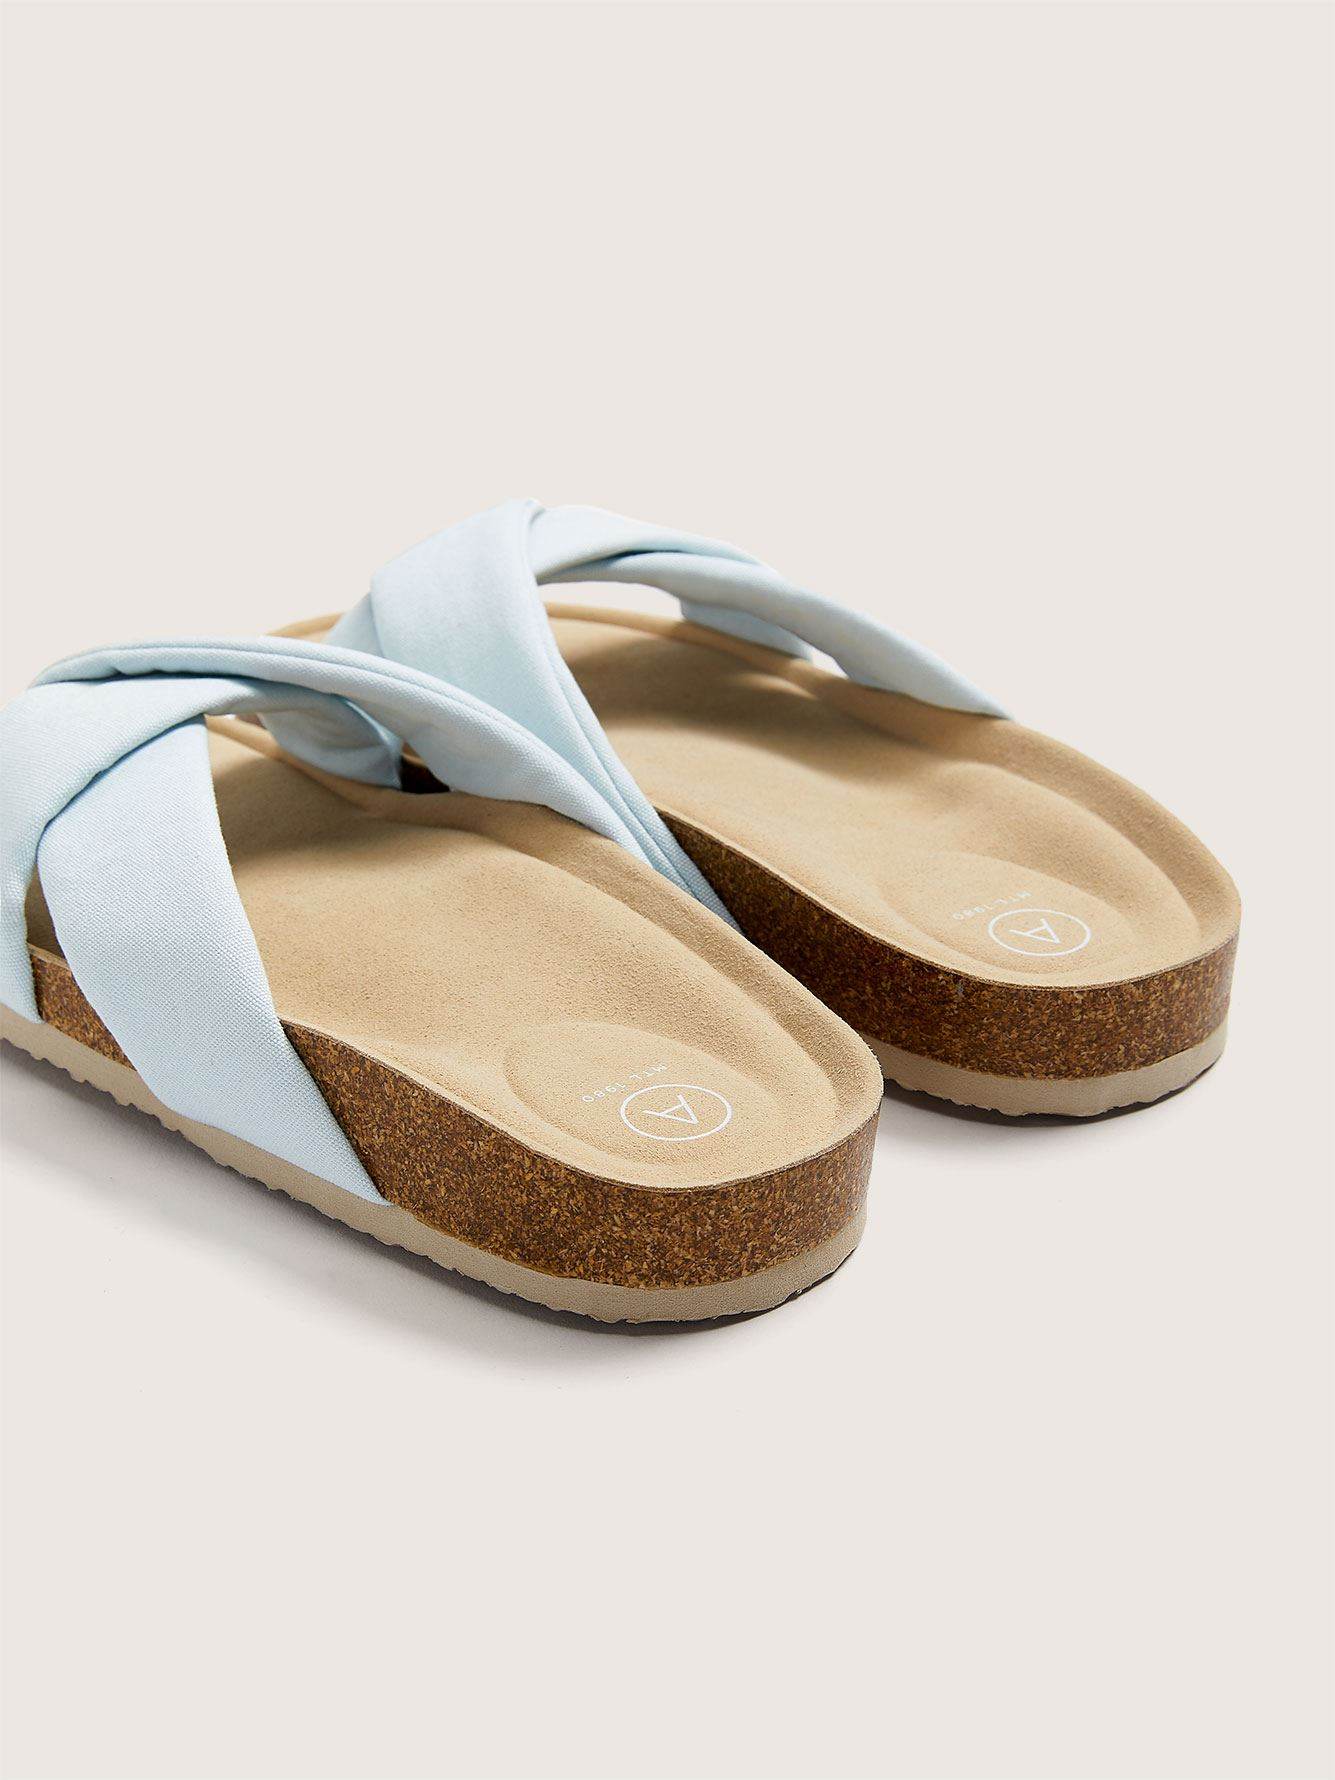 Sandale en toile de coton, pied large - Addition Elle